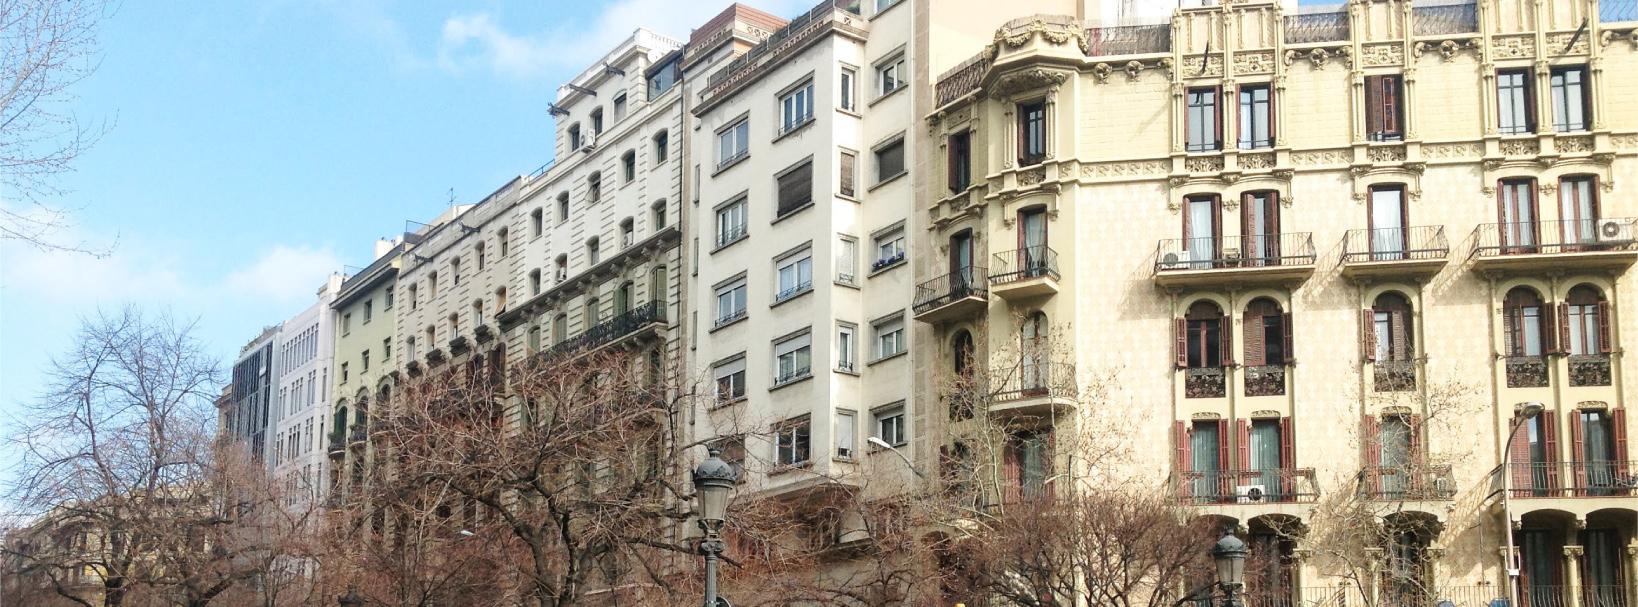 Onandia Advocats de Barcelona Contacte